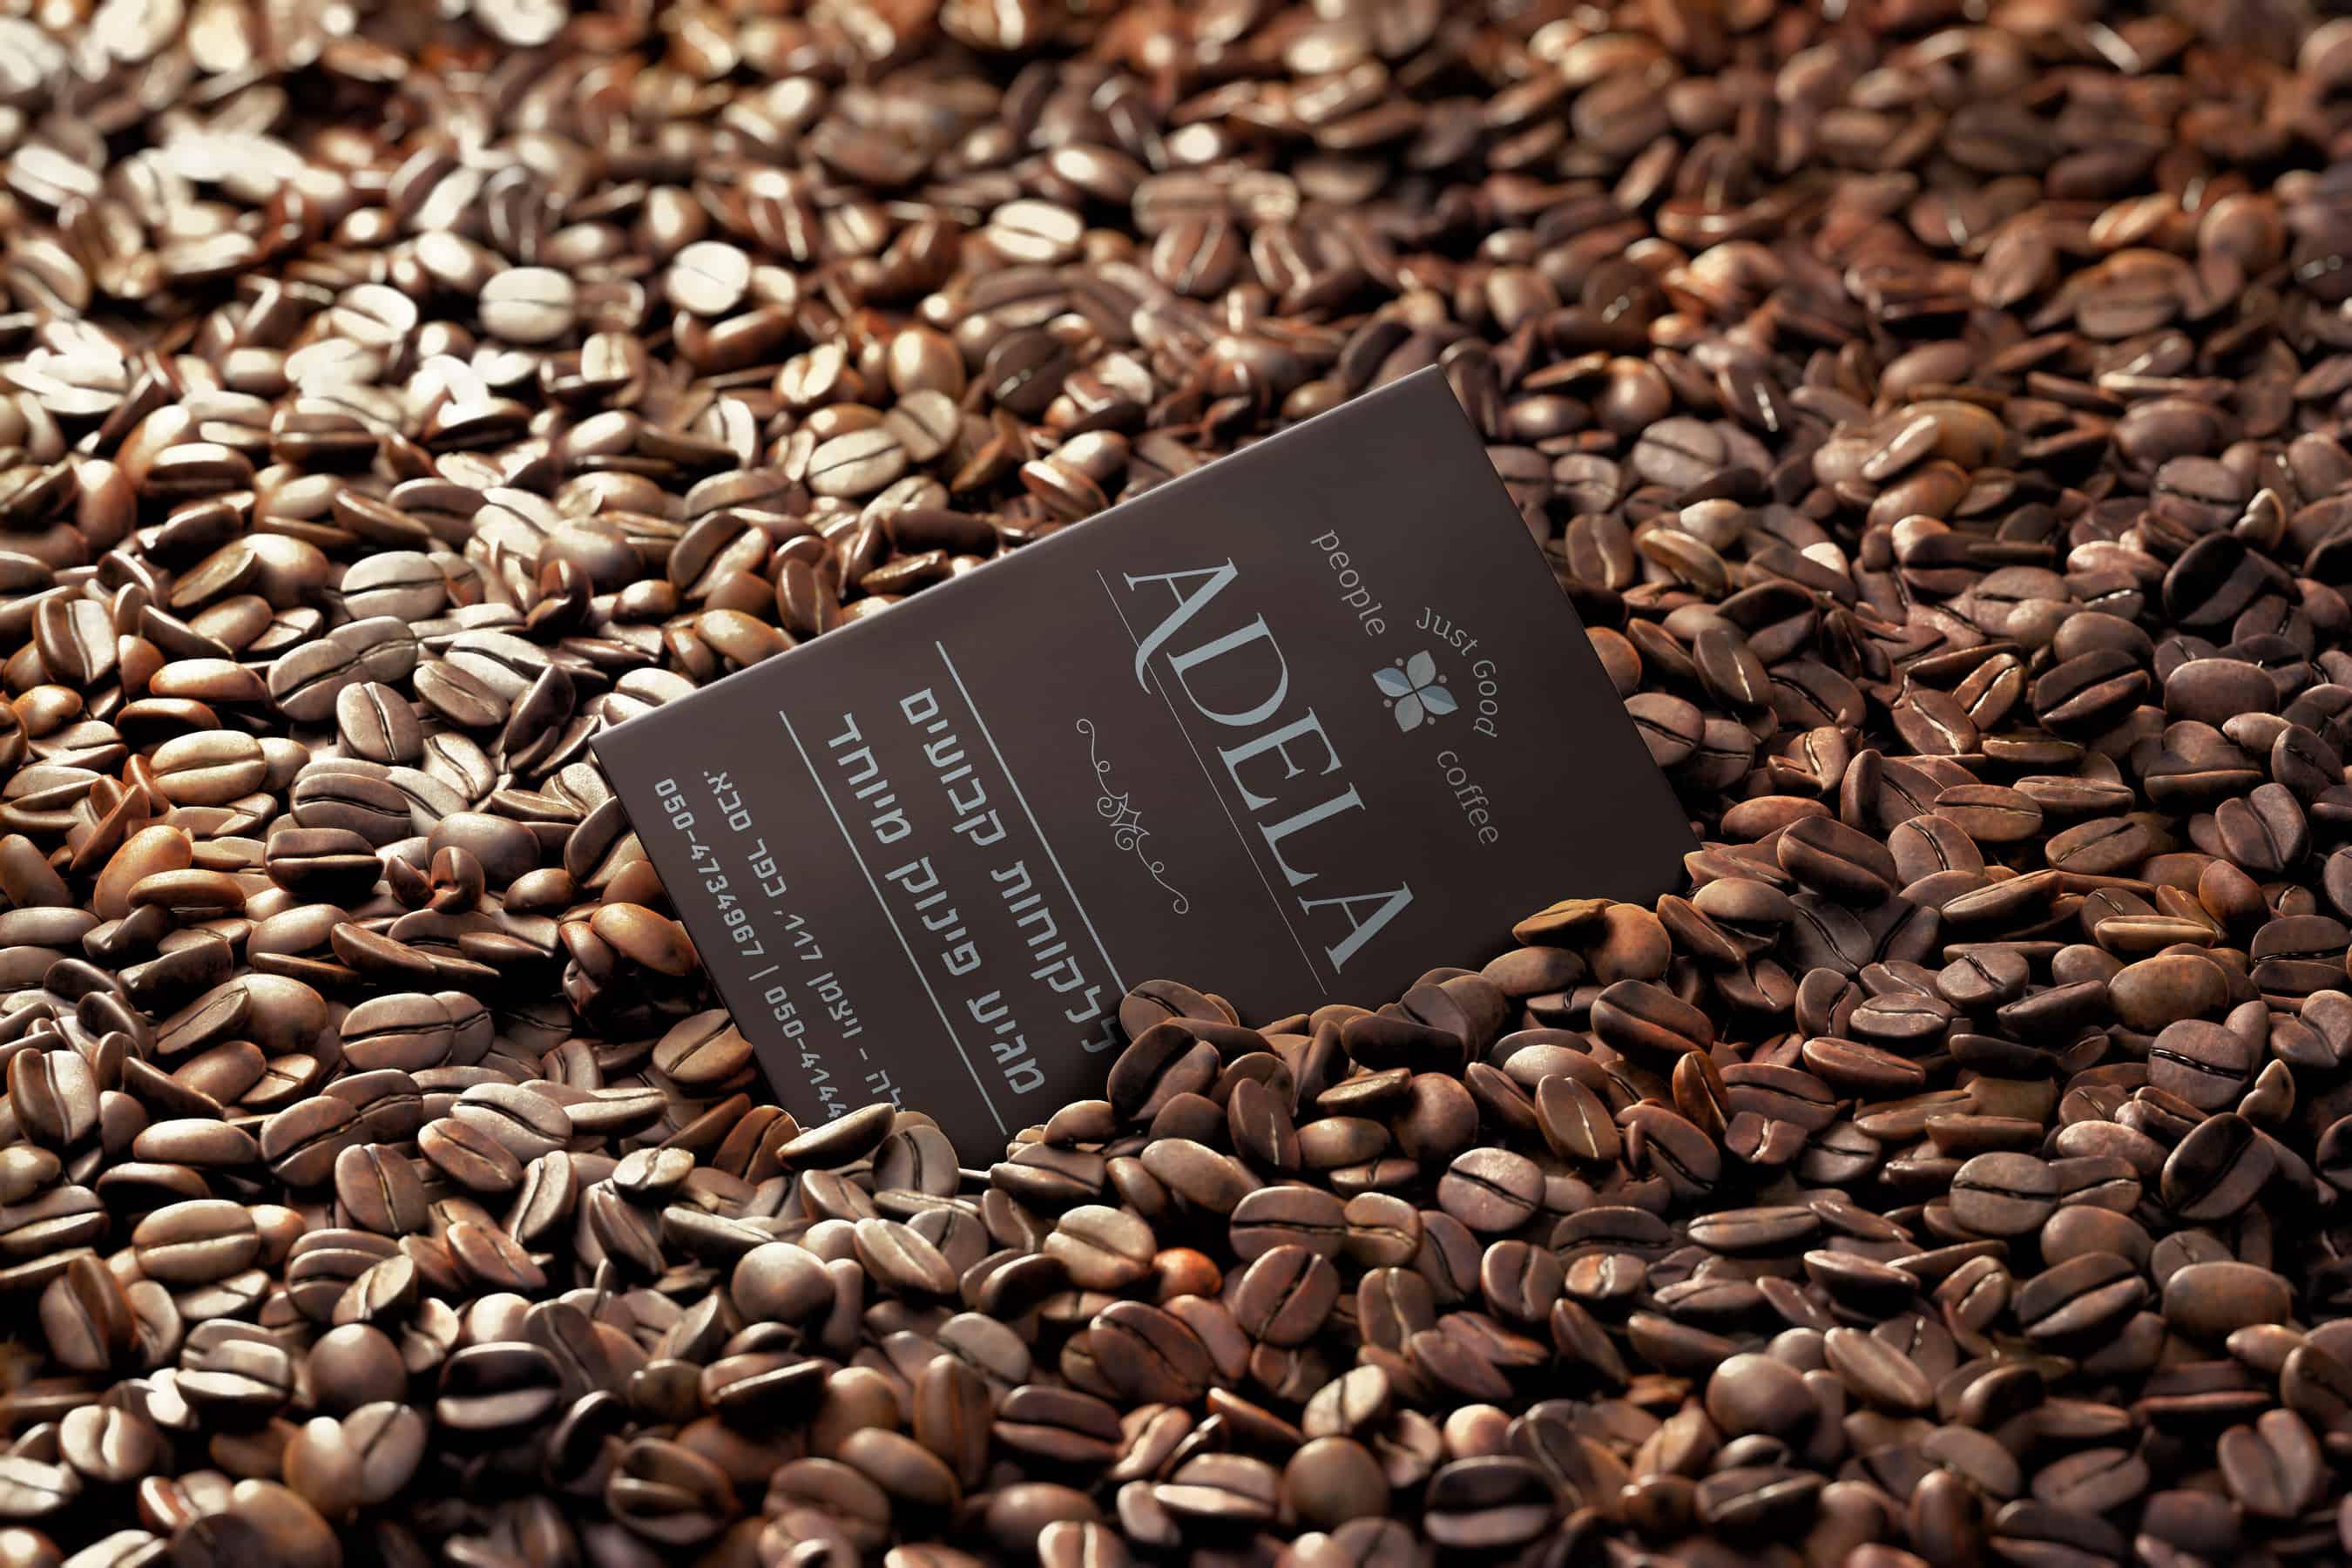 Card_in_coffee